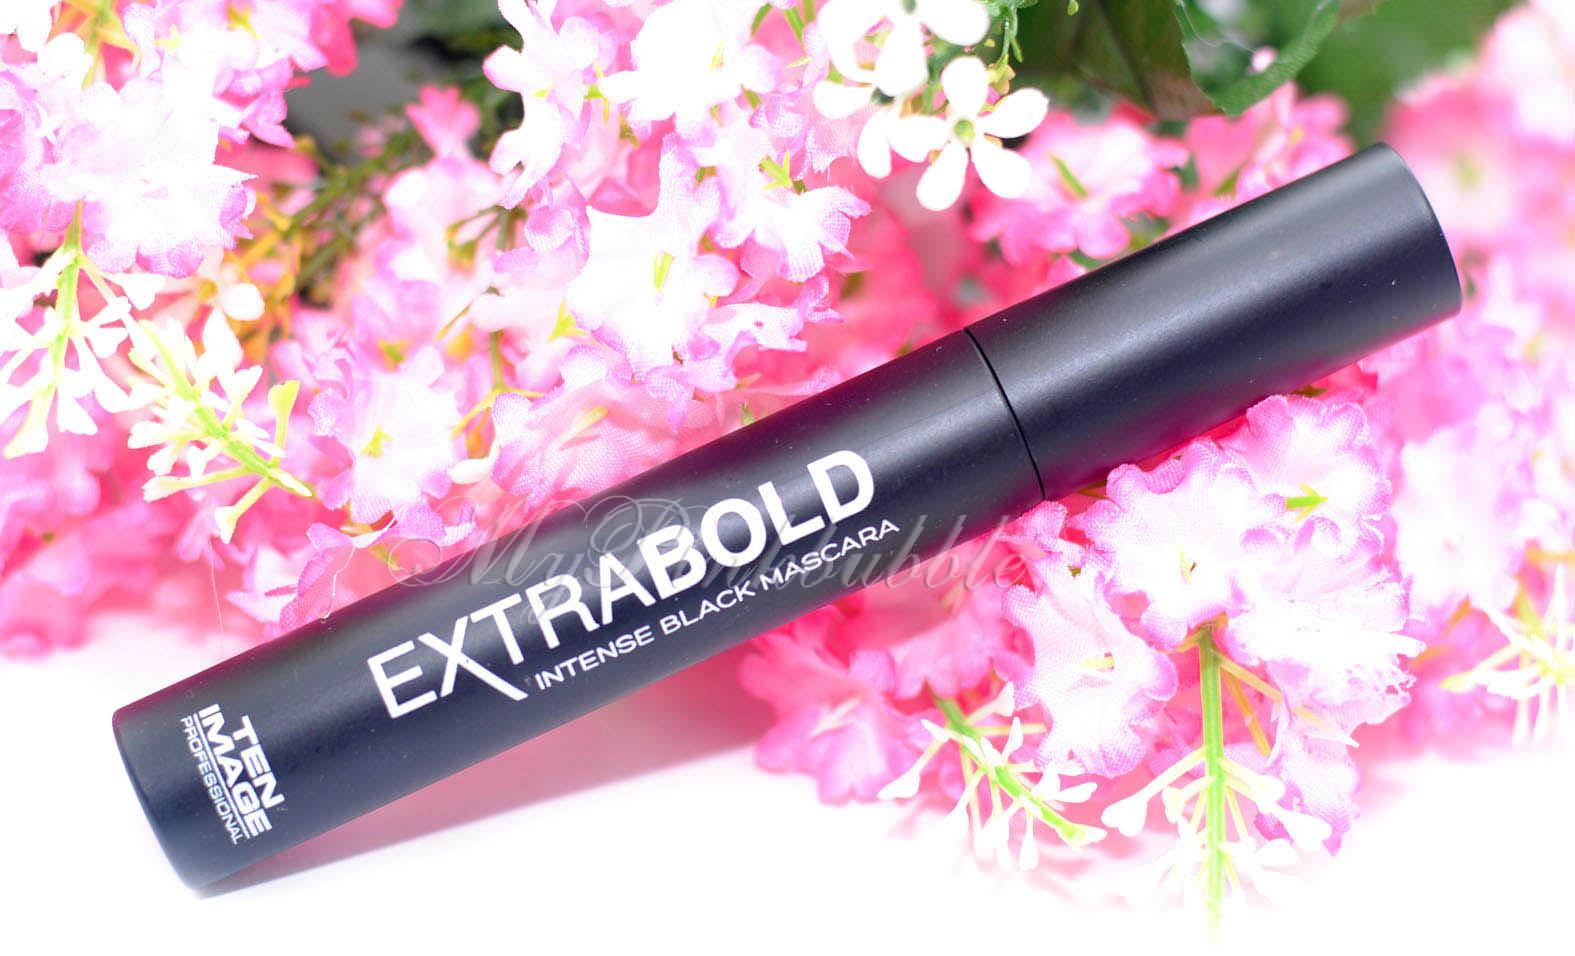 mascara Extrabold Ten Image